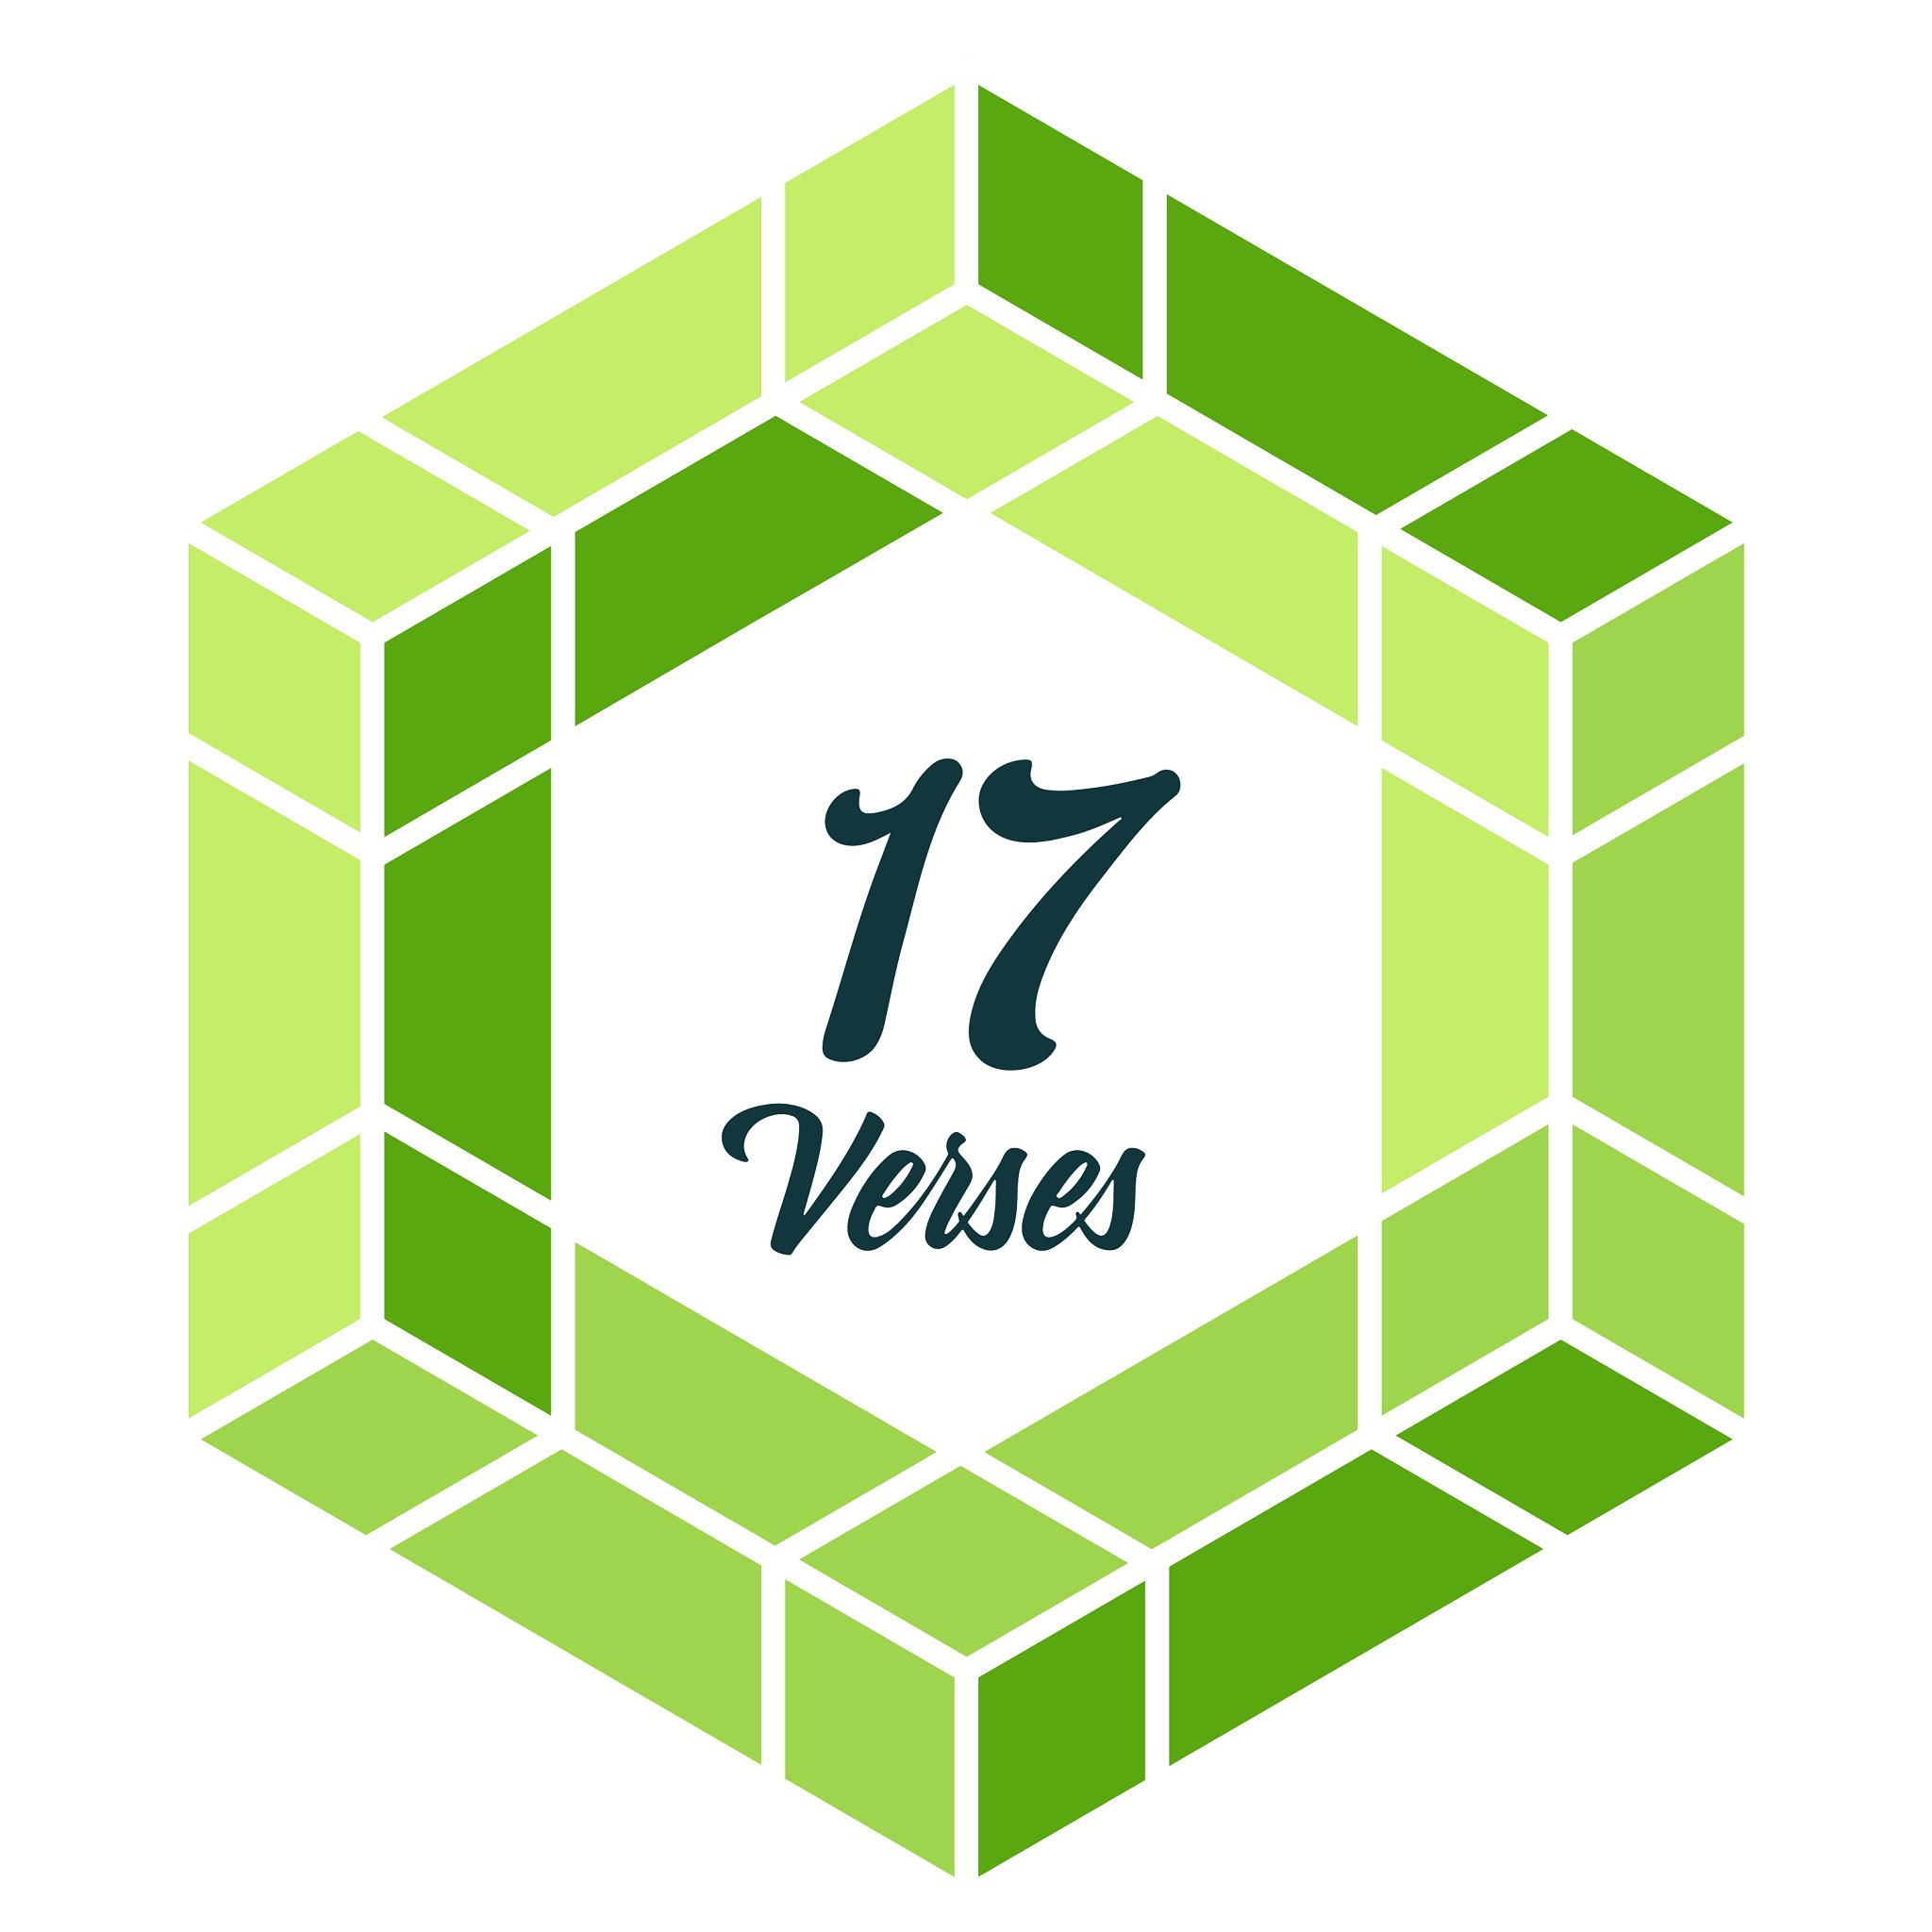 Year 2 - Surah 16 (An-Nahl), Verses 61-76